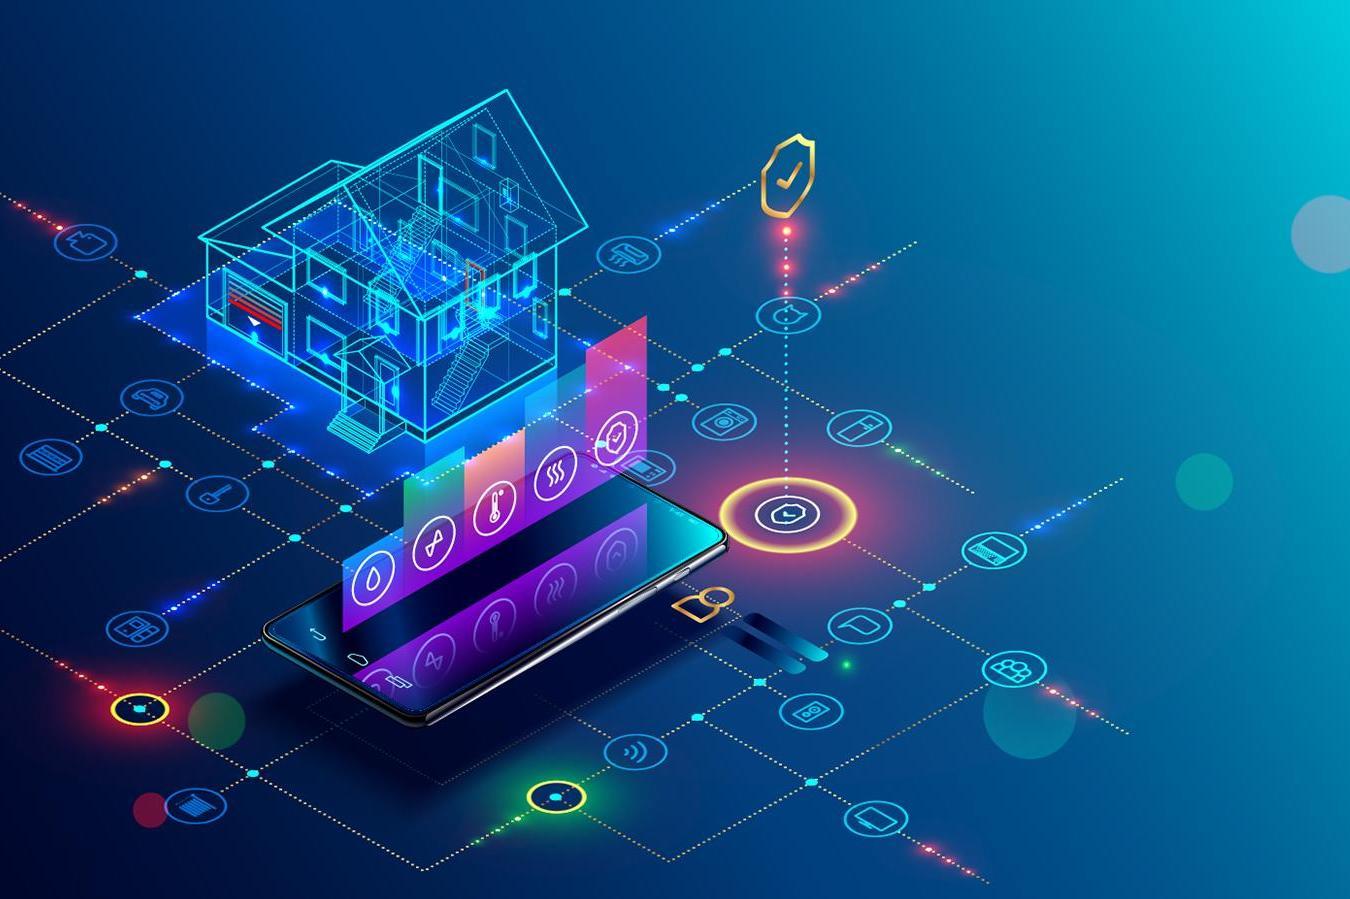 Умный дом как экосистема: цифровые платформы, платформы IoT и приложения